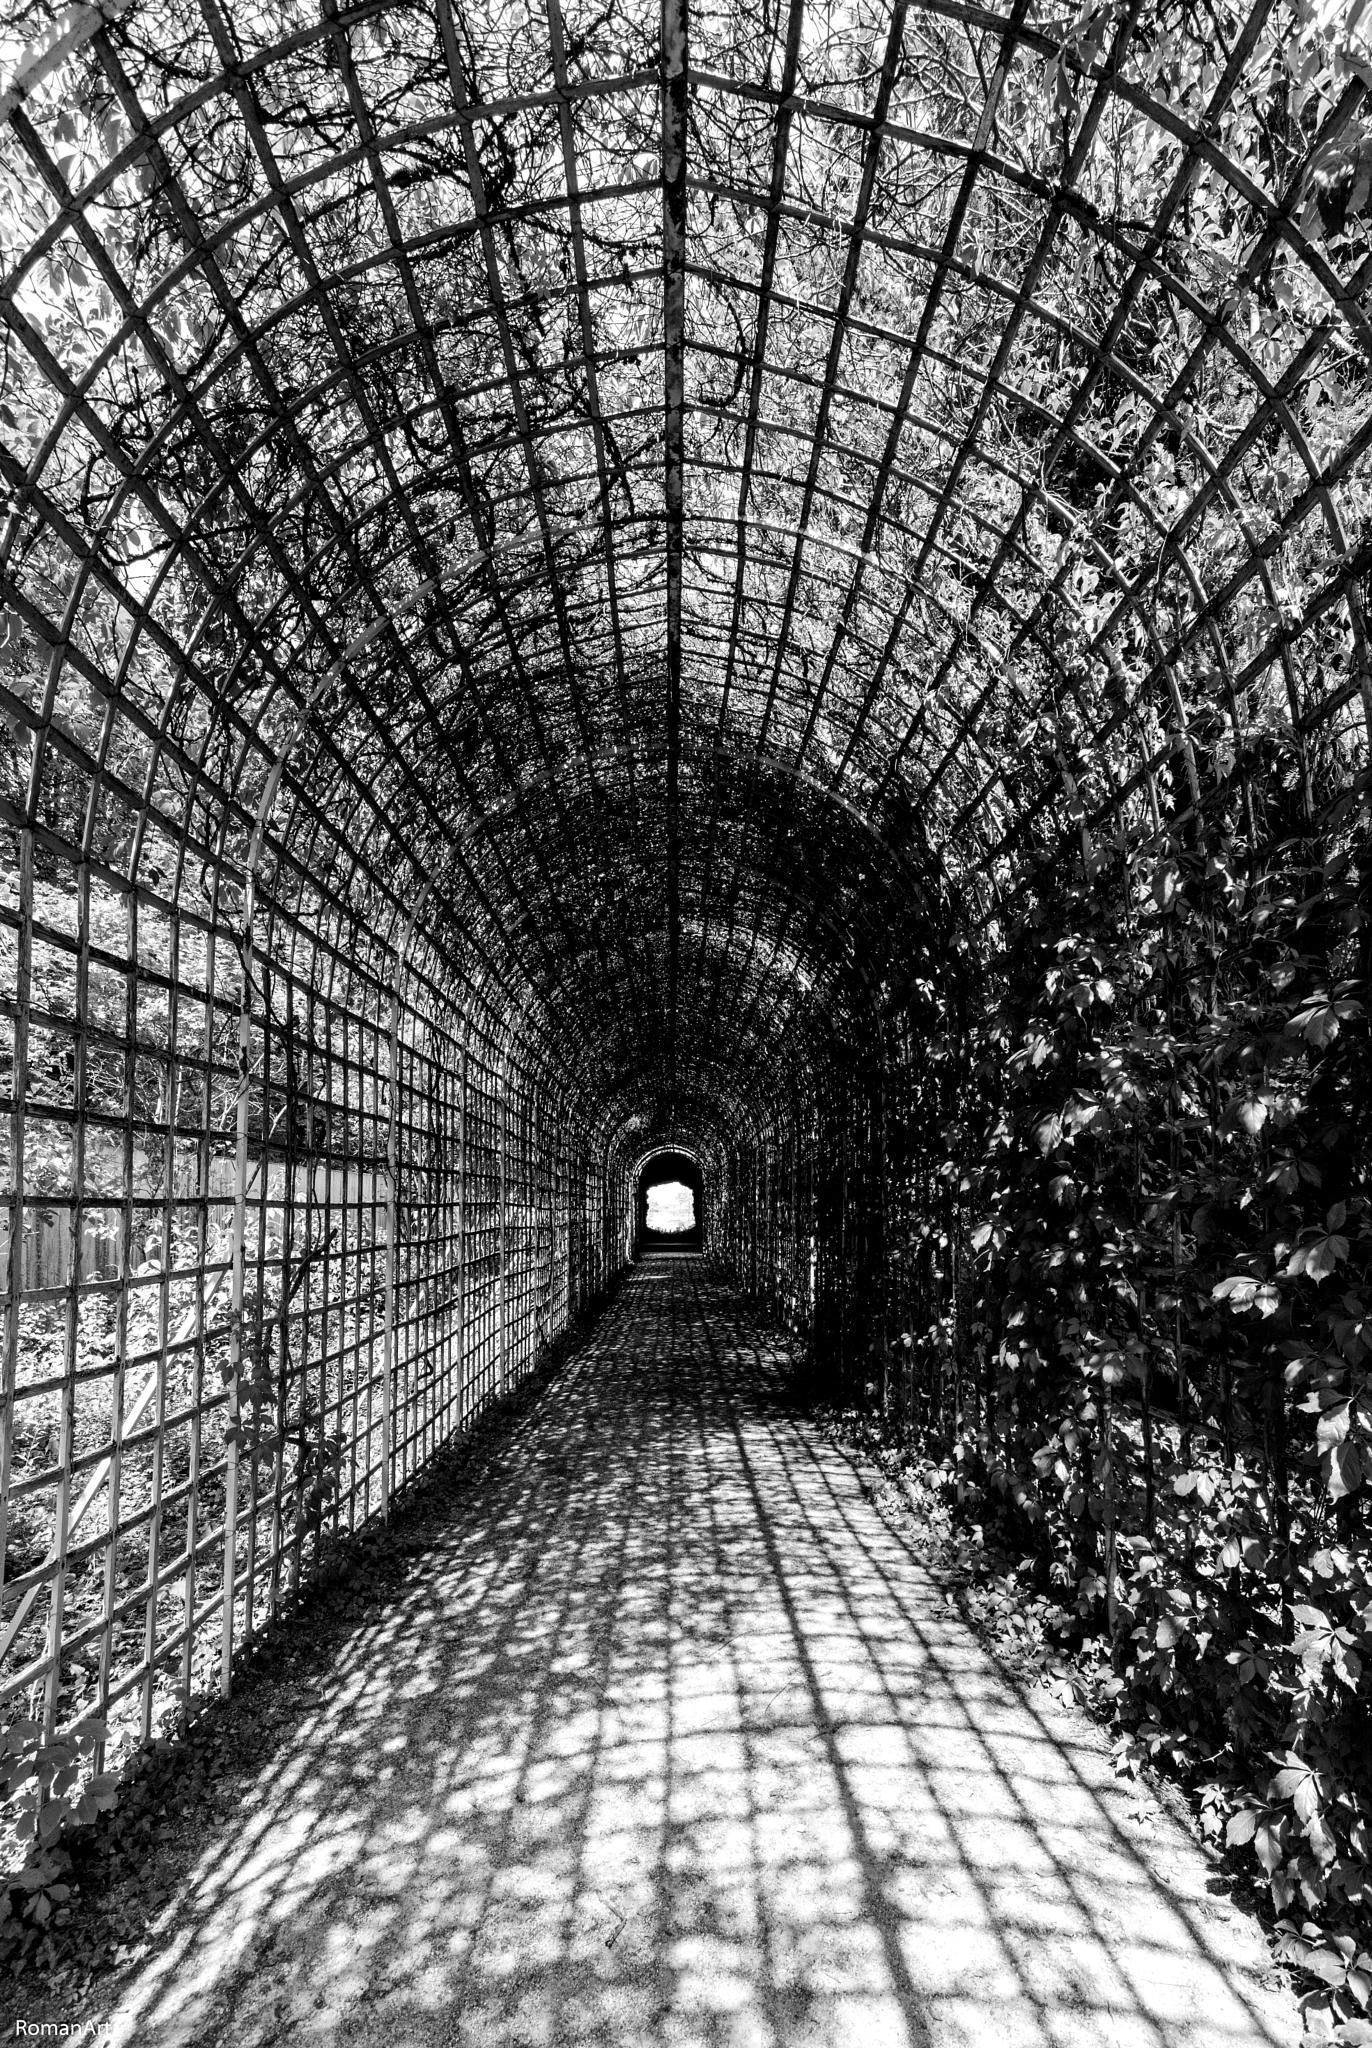 Spiderweb 2 by roman.maurer.5